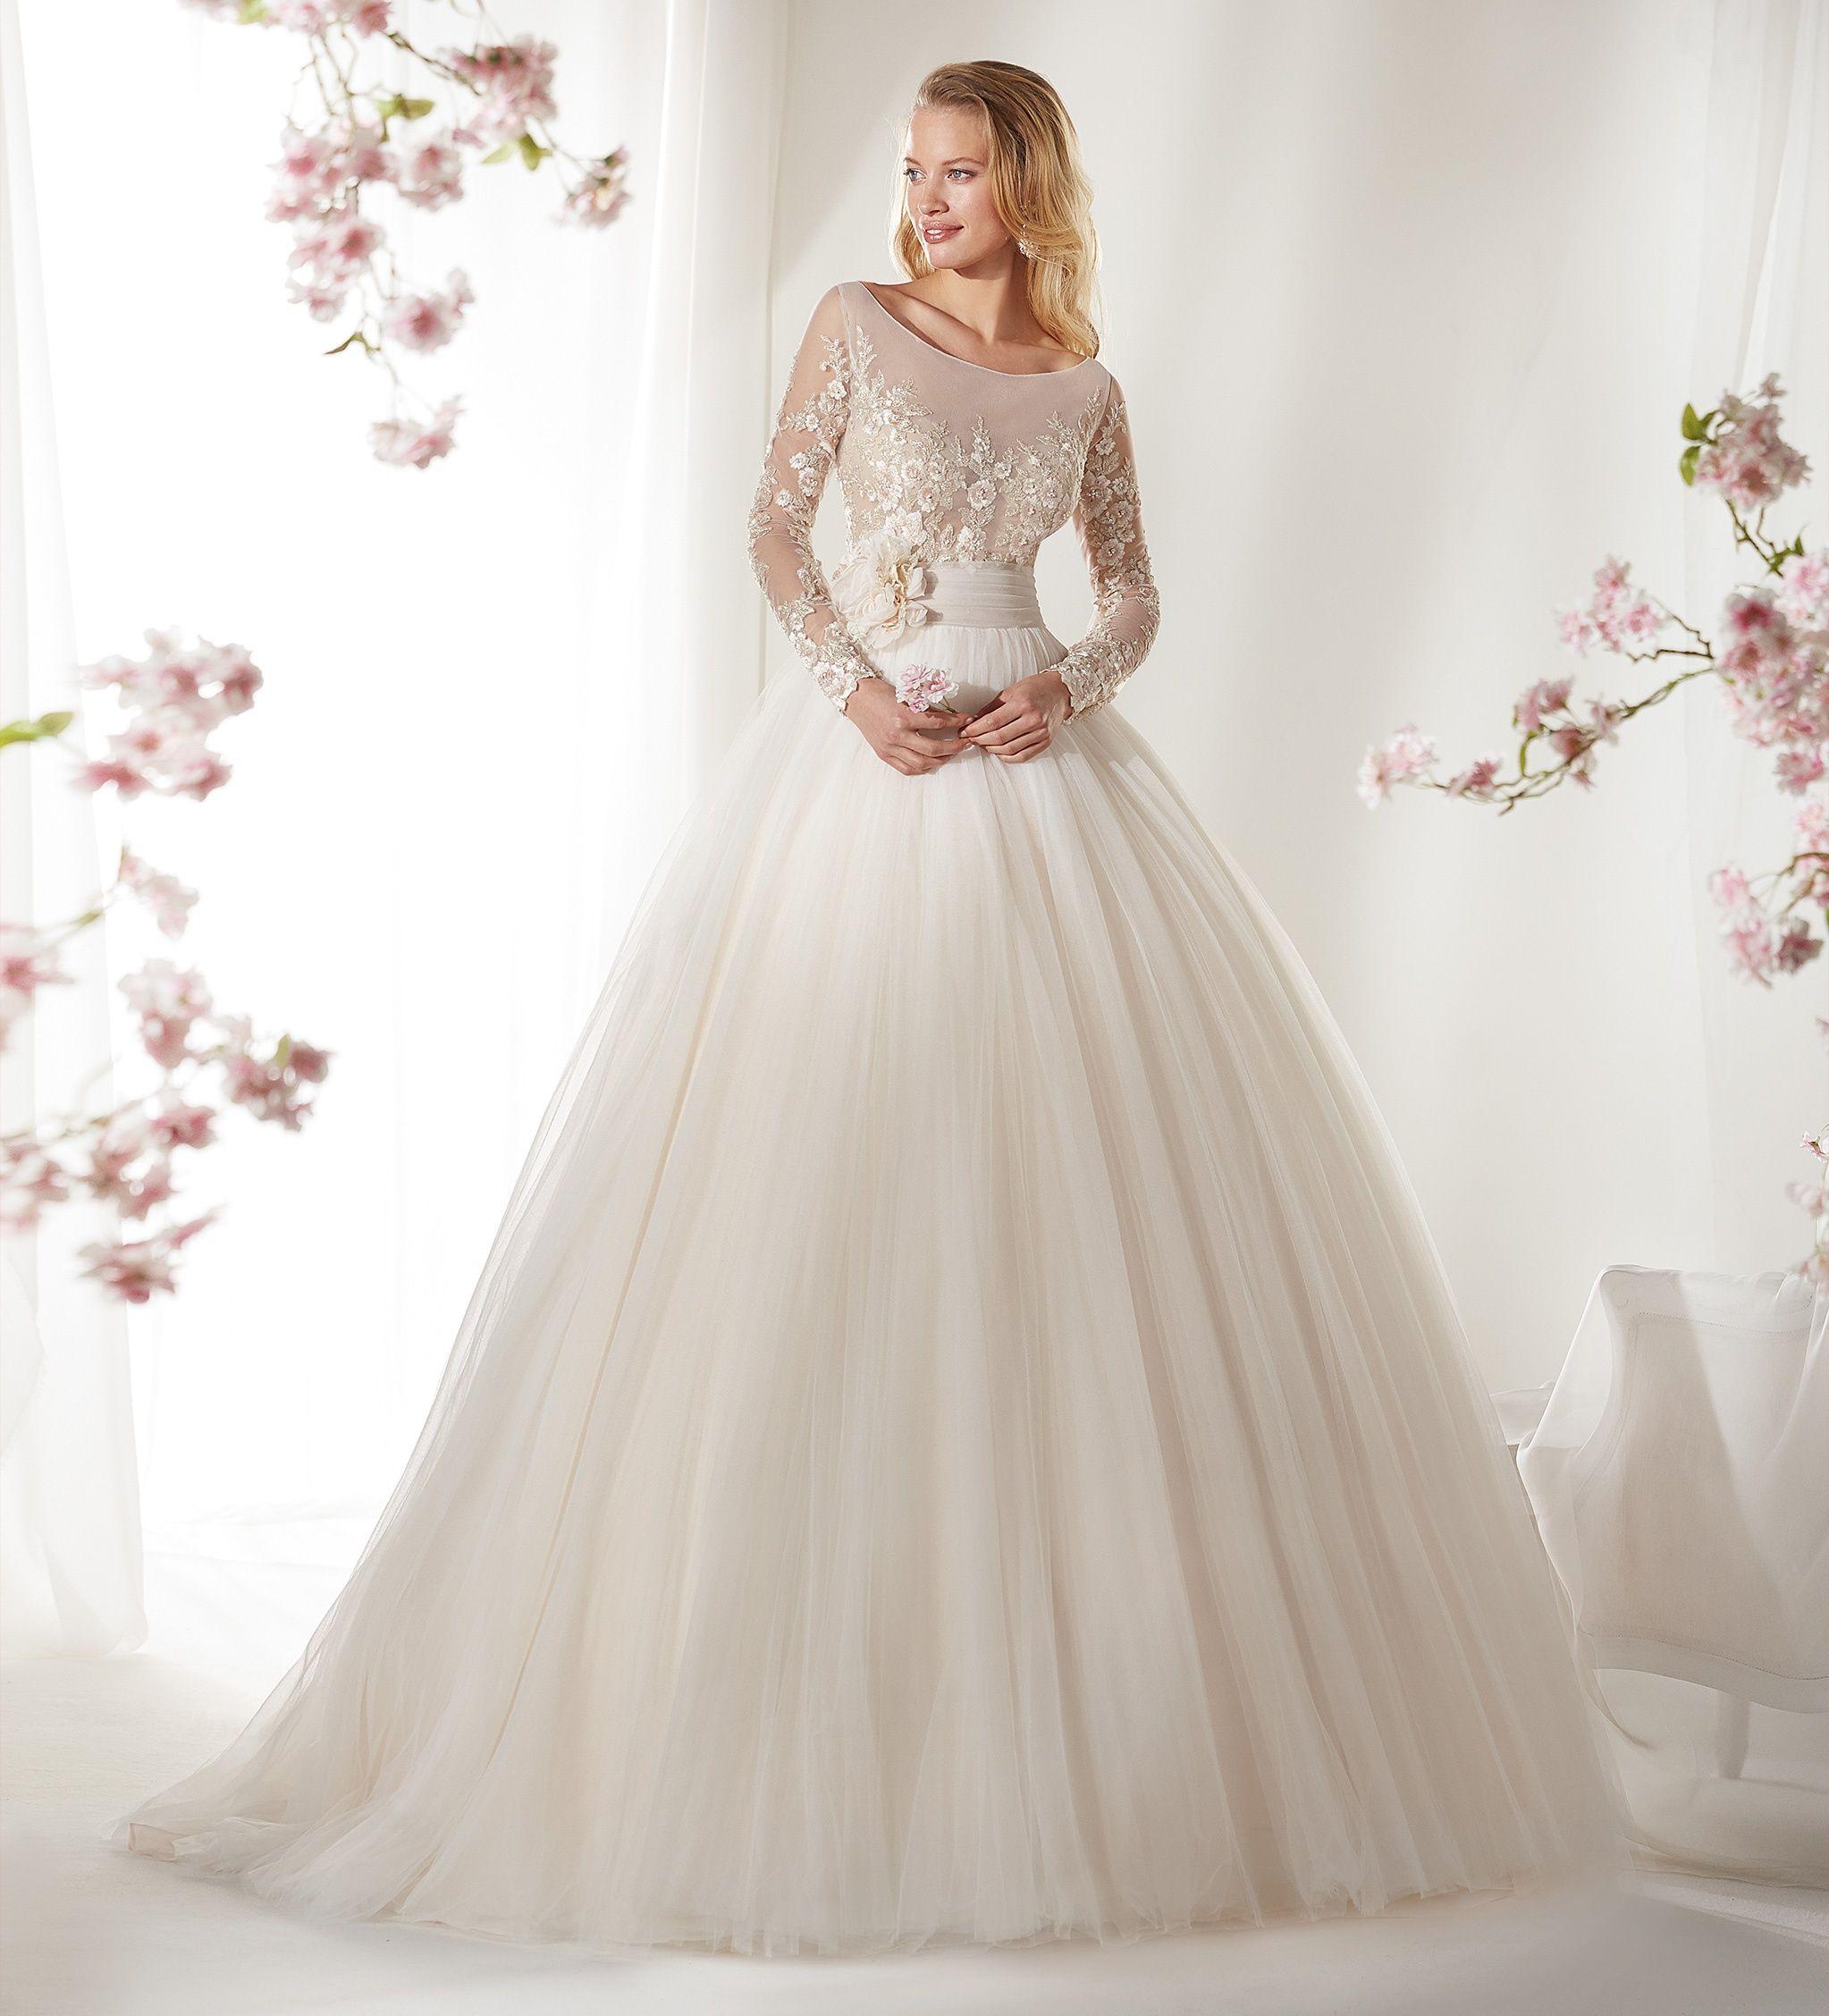 Moda sposa 2019 - Collezione COLET. COAB19291. Abito da sposa Nicole ... eacb67cd252